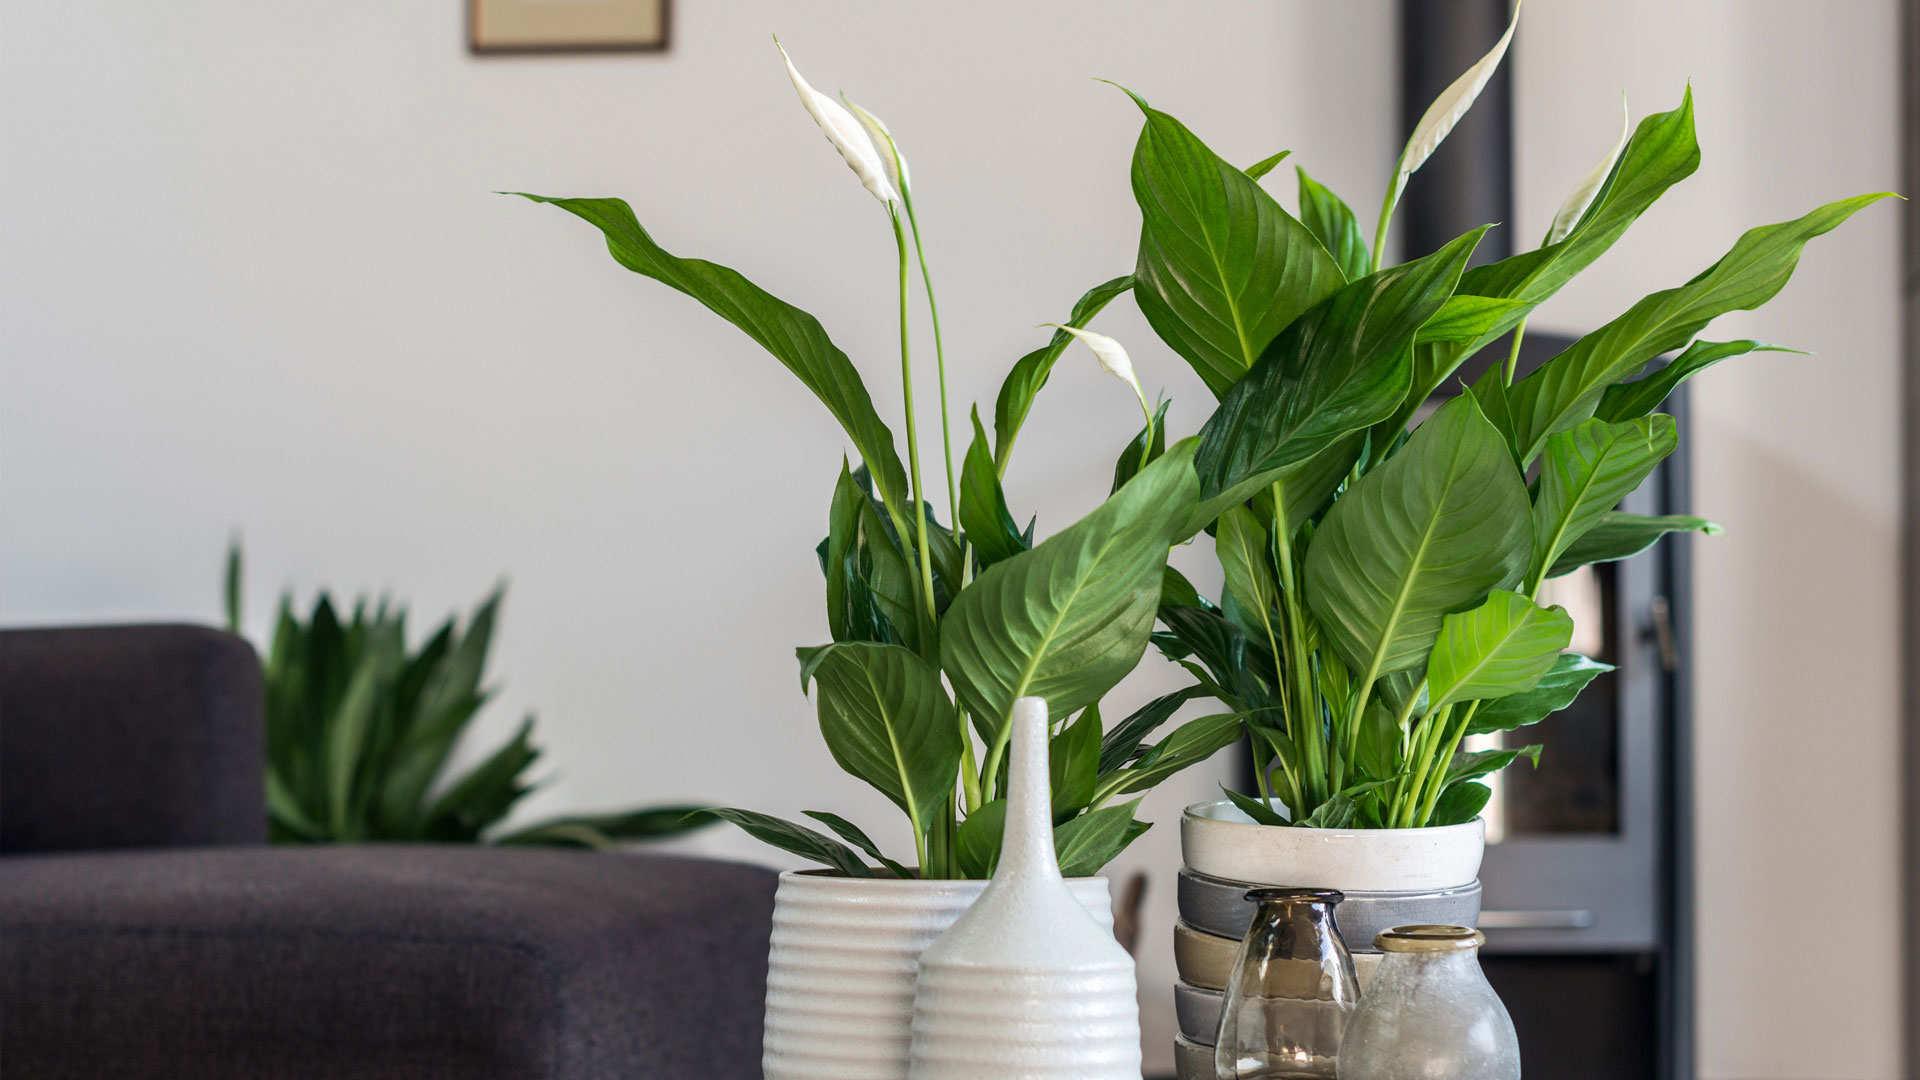 Waarom kamerplanten in huis?